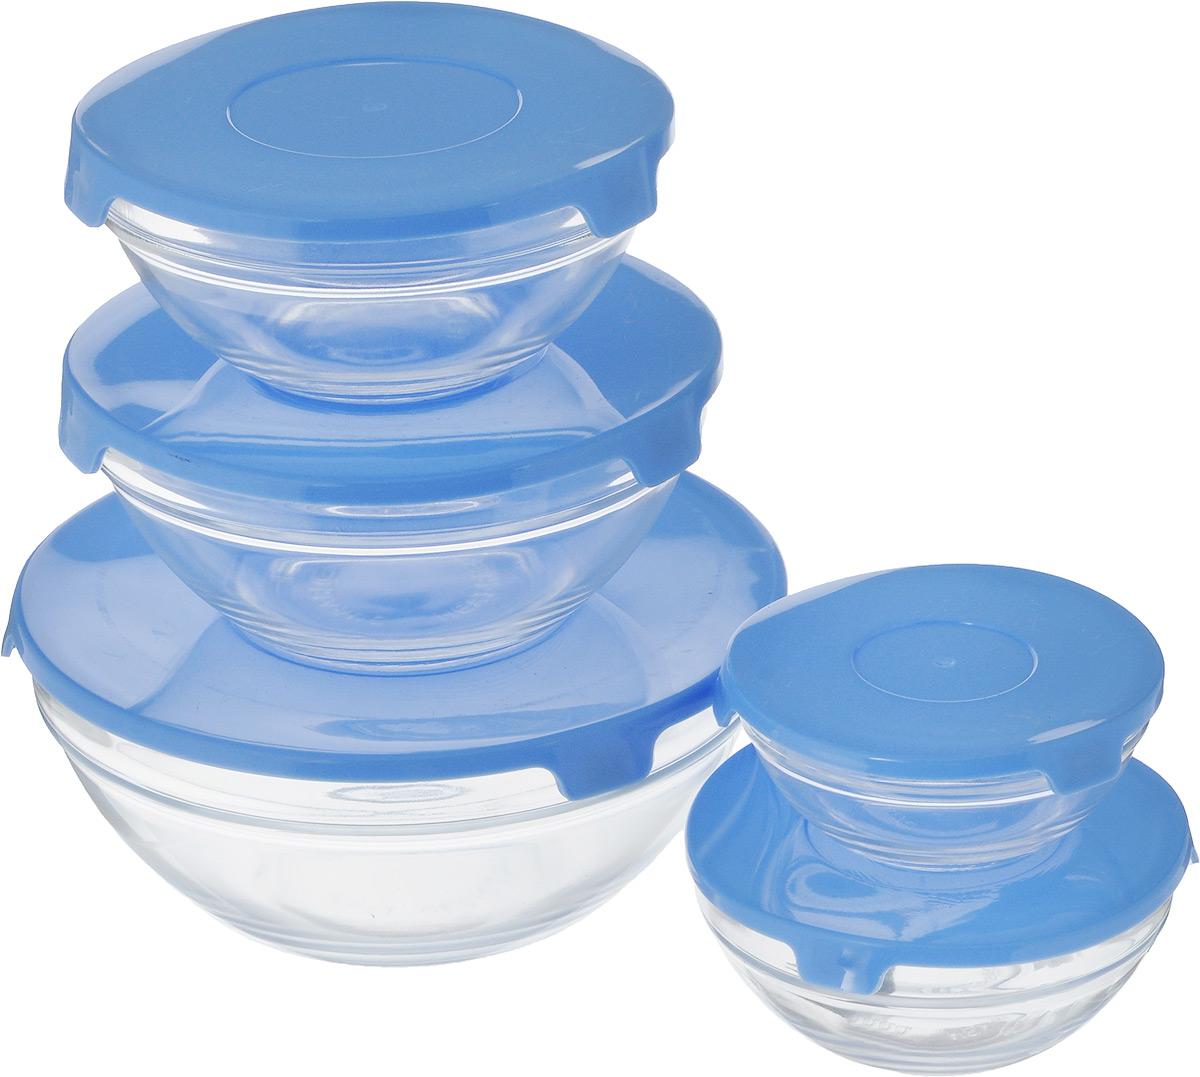 Набор салатников Wellberg Comfort, с крышками, цвет: прозрачный, синий, 5 шт54 009312Набор Wellberg Comfort состоит из 5 круглых салатников, выполненных из прочного стекла, и 5 пластиковых крышек. Изделия прекрасно подходят для сервировки салатов и закусок, маленькие салатники идеальны для подачи соусов. Поверхность изделий гладкая и ровная, легко чистится. Салатники снабжены плотно закрывающимися крышками, благодаря которым продукты удобно хранить в холодильнике. Такой набор станет практичным приобретением для вашей кухни. Изделия можно мыть в посудомоечной машине и использовать в микроволновой печи. Диаметр салатников: 9 см, 10,5 см, 12,5 см, 14 см, 17 см. Высота салатников: 4 см, 4,8 см, 5,5 см, 6,2 см, 9 см.Объем салатников: 150 мл, 200 мл, 350 мл, 500 мл, 900 мл.